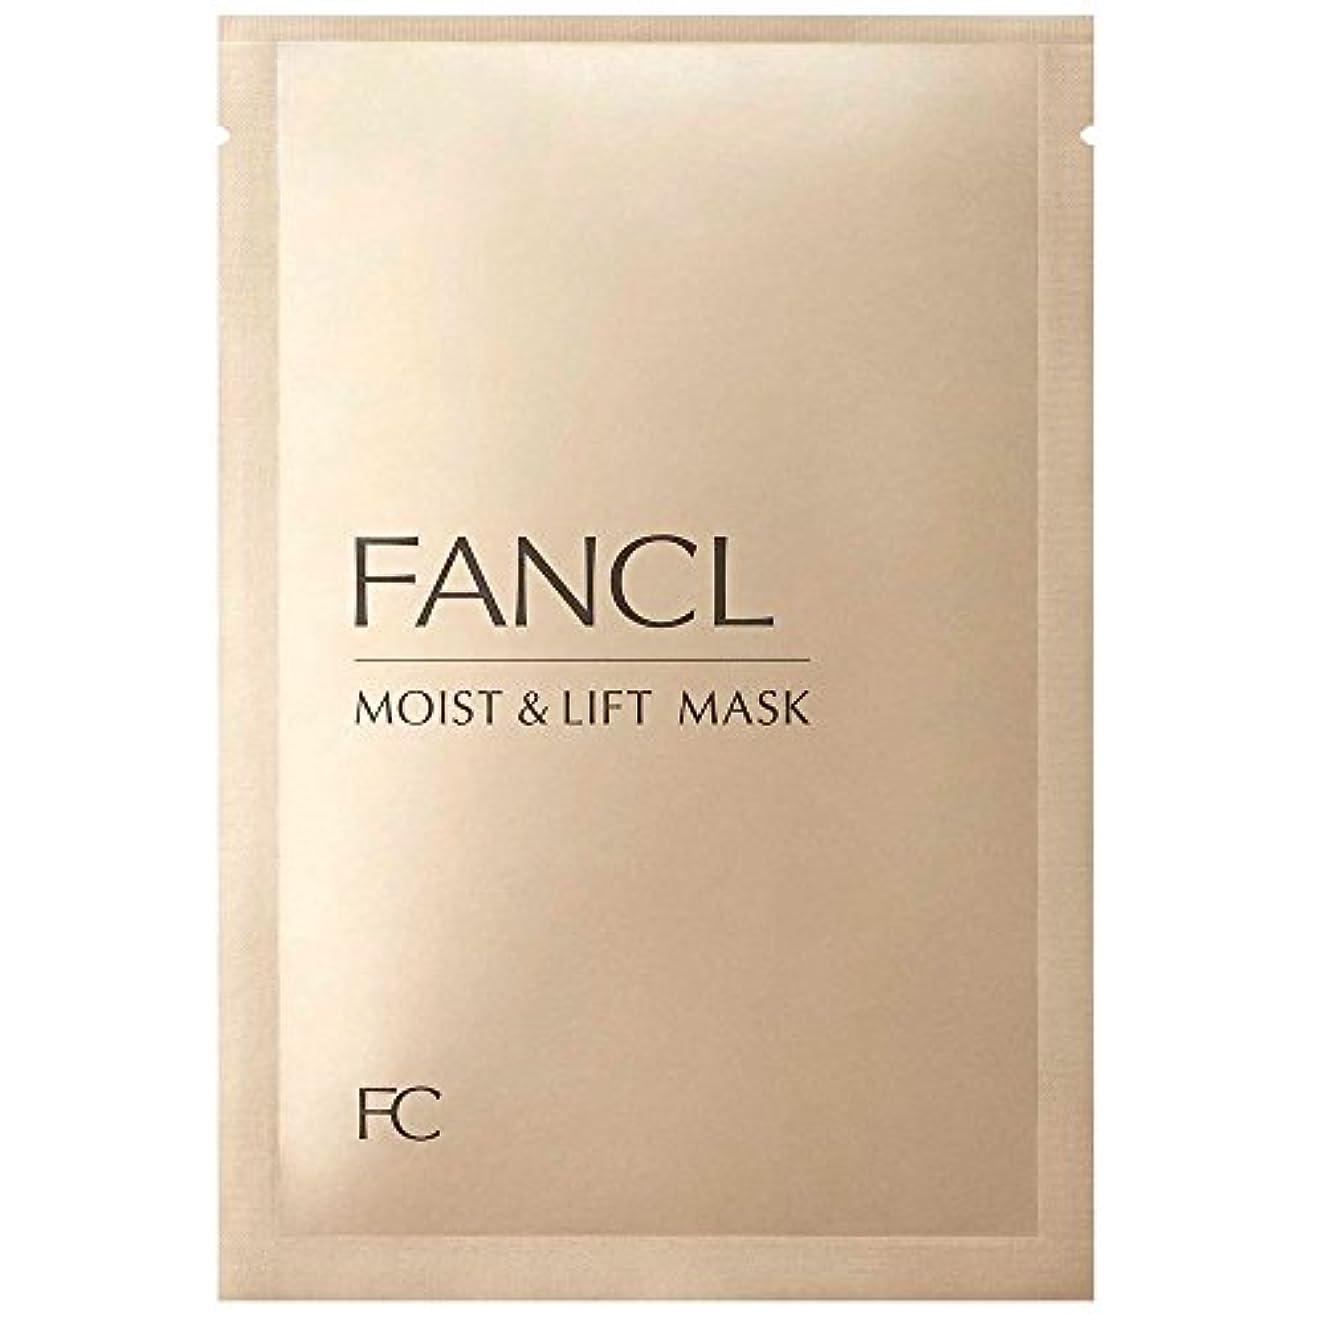 恐ろしい検出エンジンファンケル(FANCL) モイスト&リフトマスク(M&L マスク)28mL×6枚